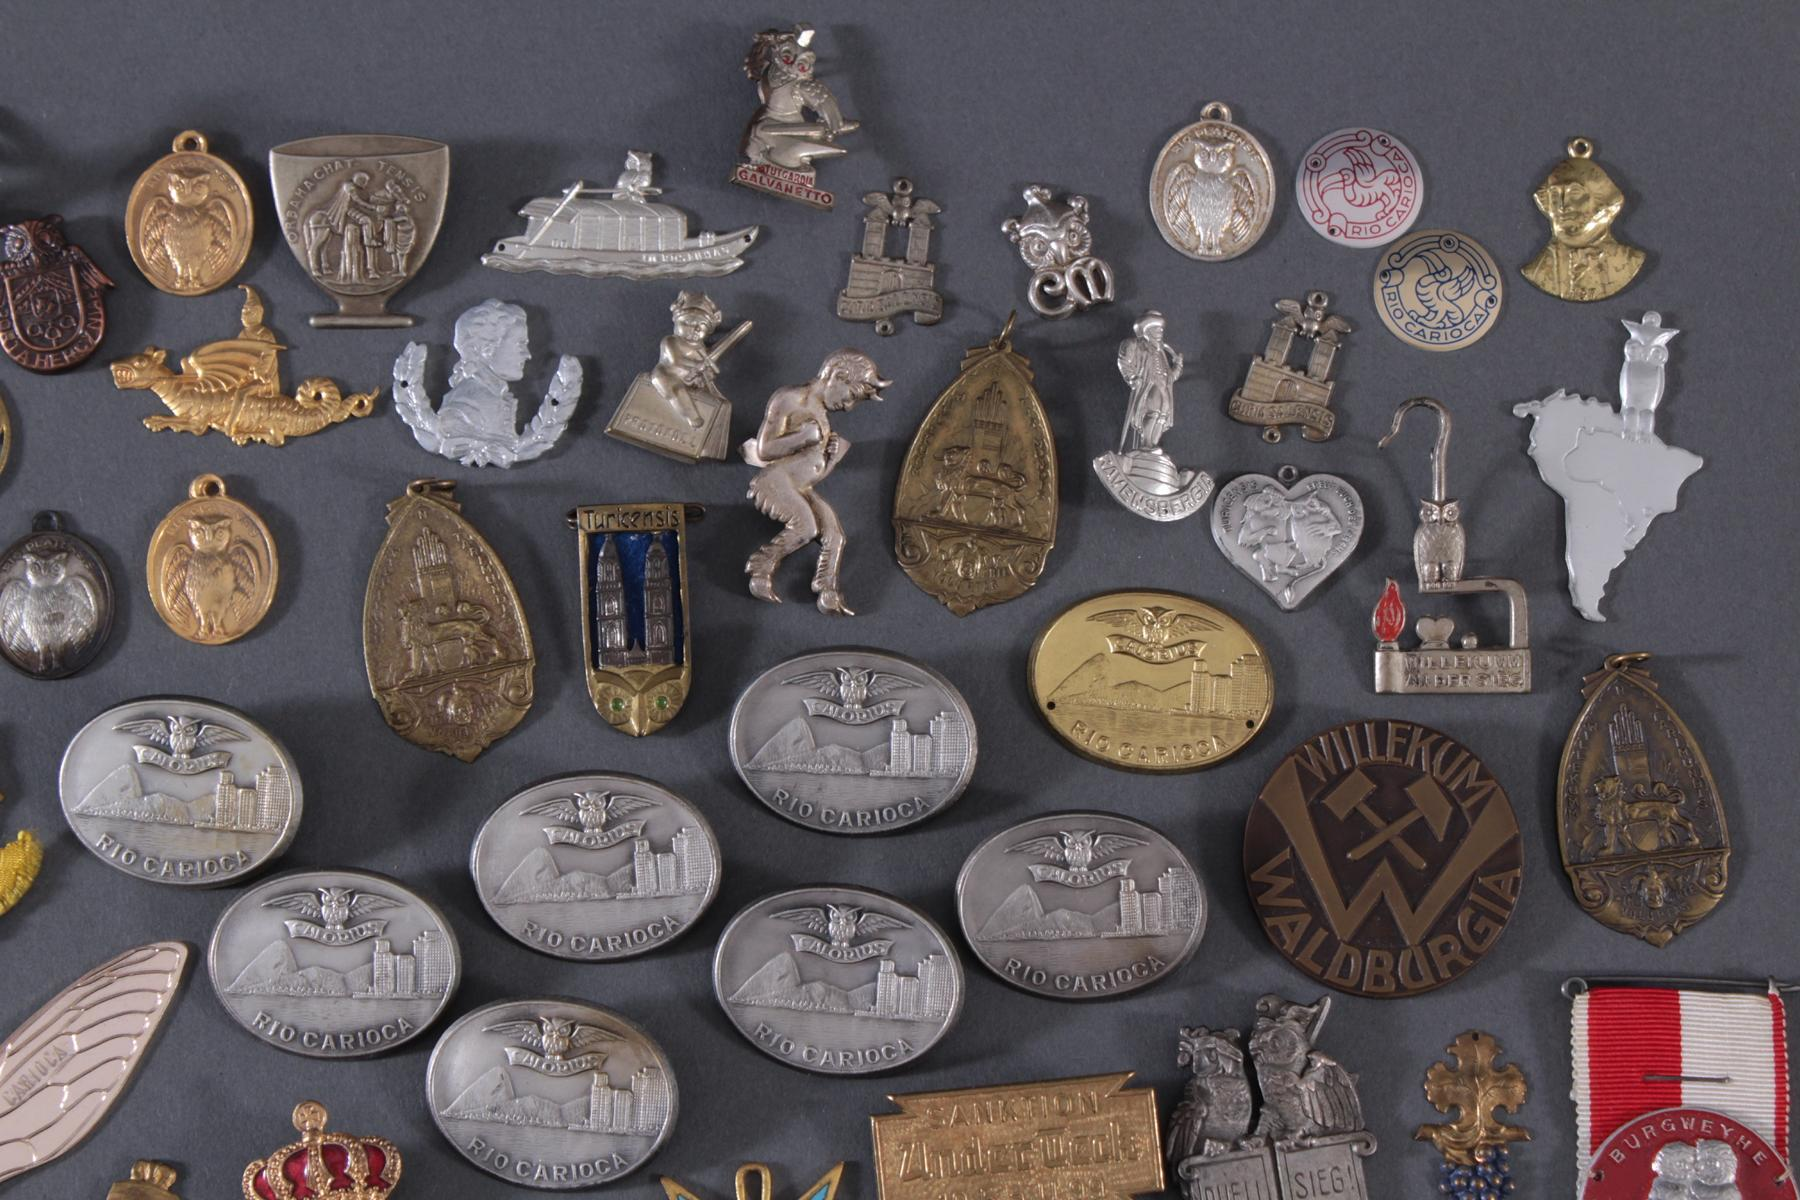 Sammlung Mitglieds- und Veranstaltungsabzeichen Schlaraffia-3